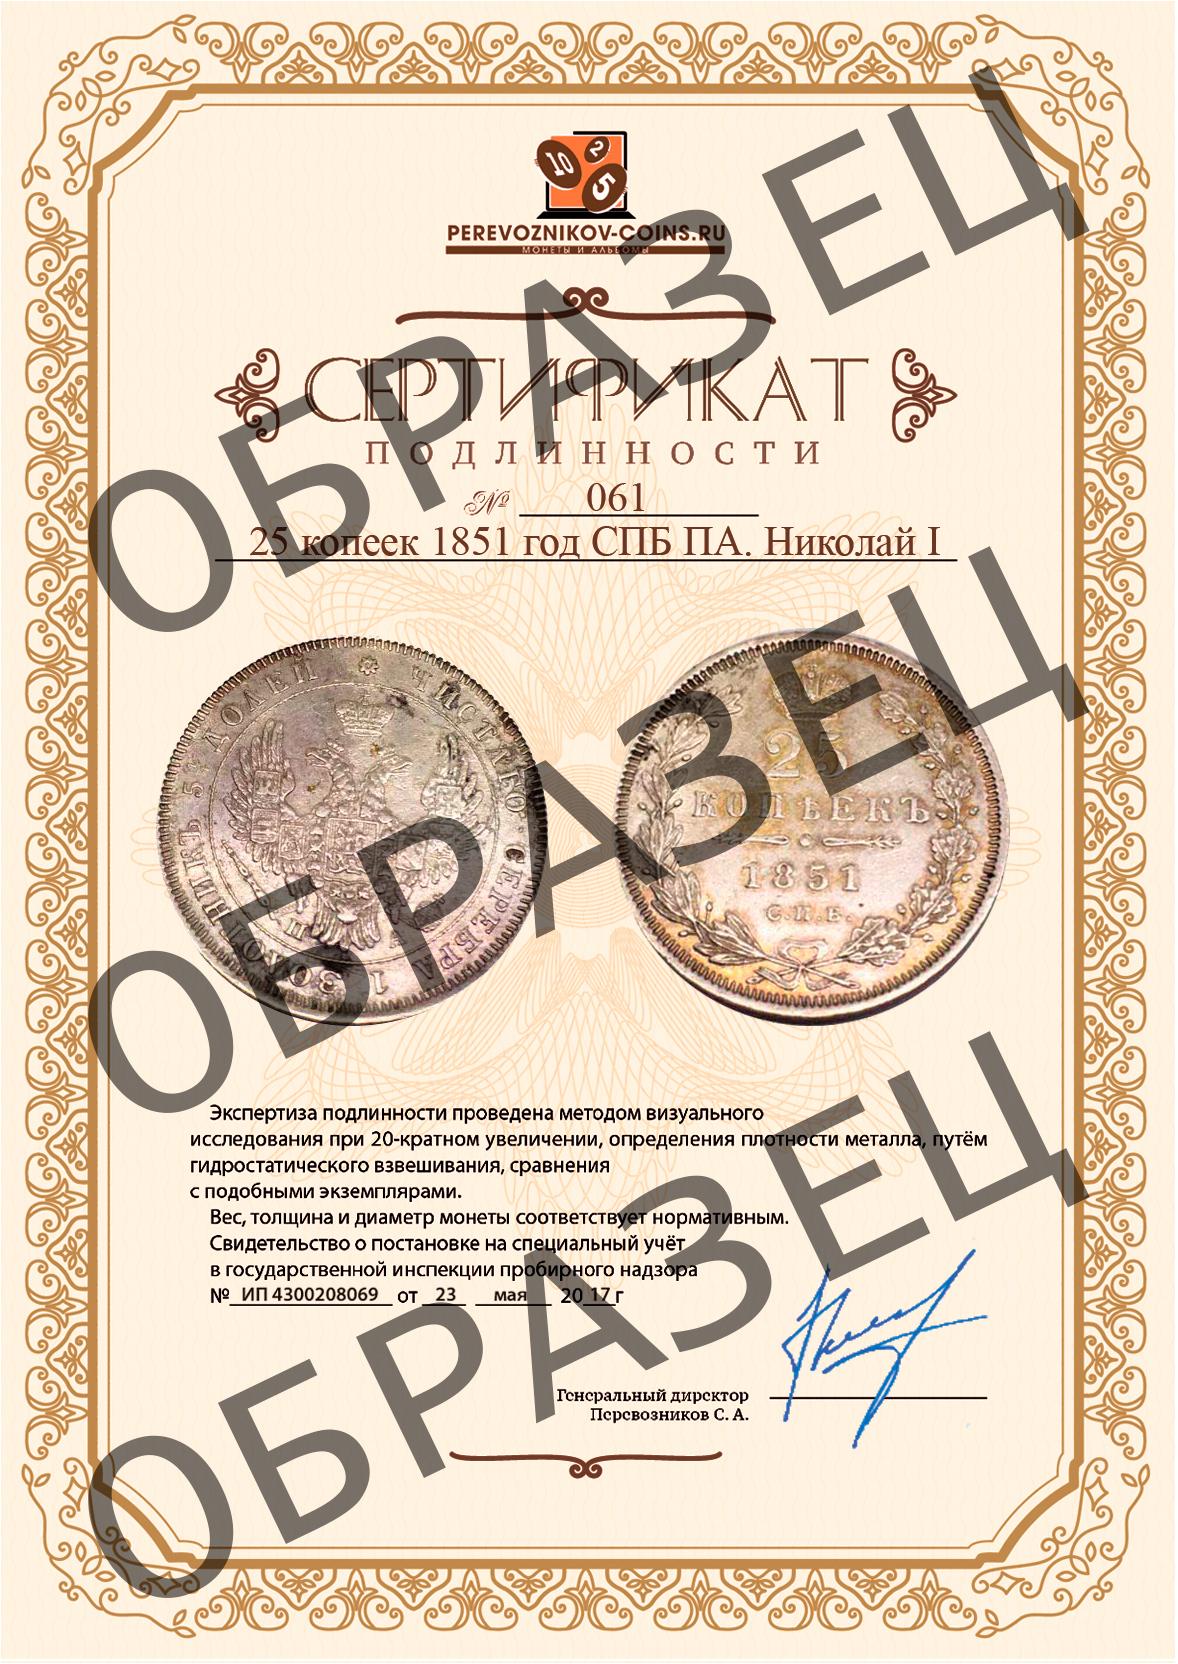 25 копеек 1851 год СПБ ПА. Николай I